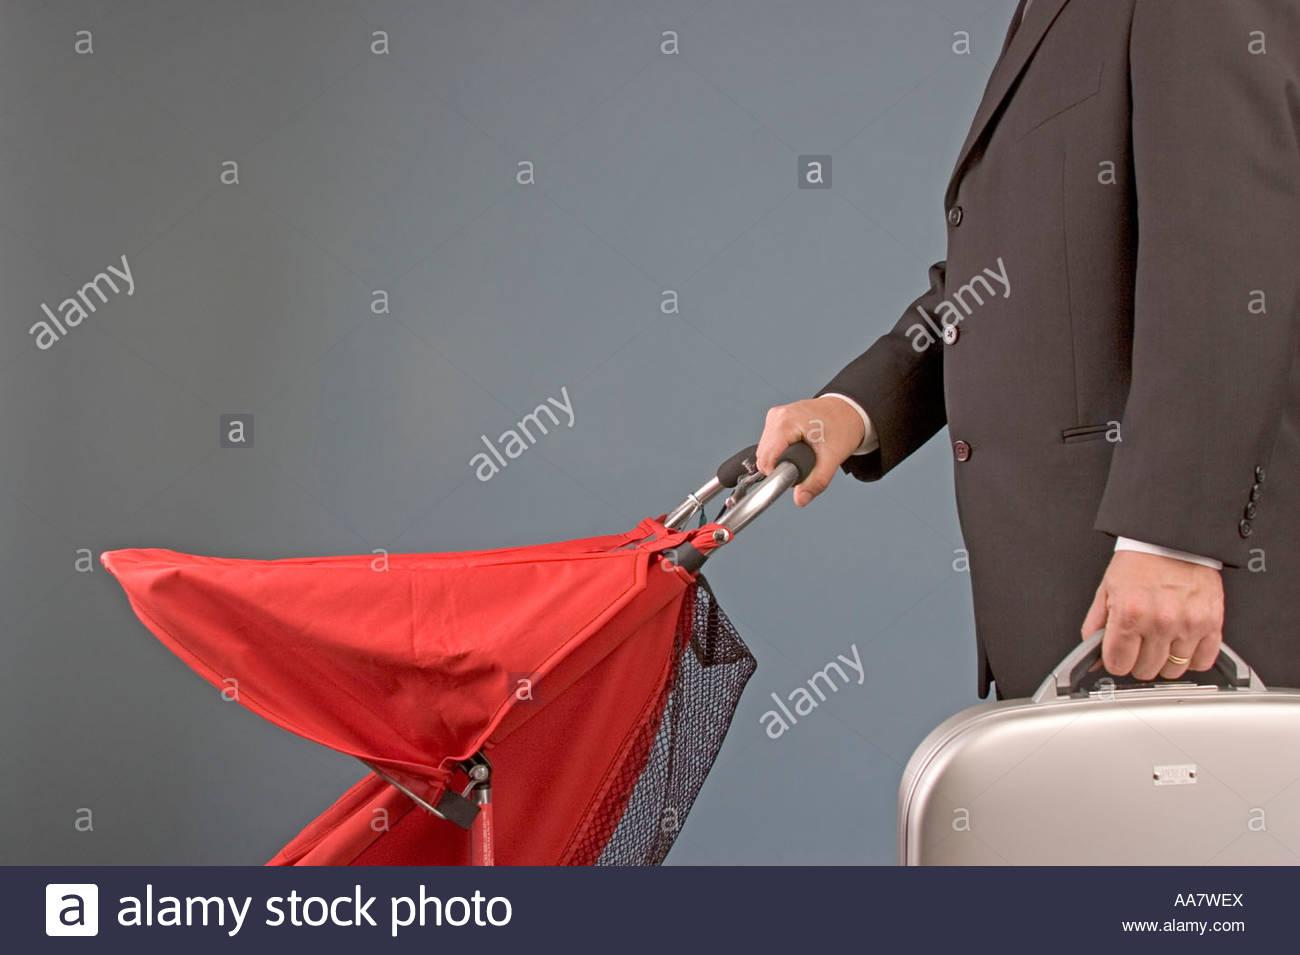 Imprenditore valigetta trasporto e spingendo la carrozzina Immagini Stock